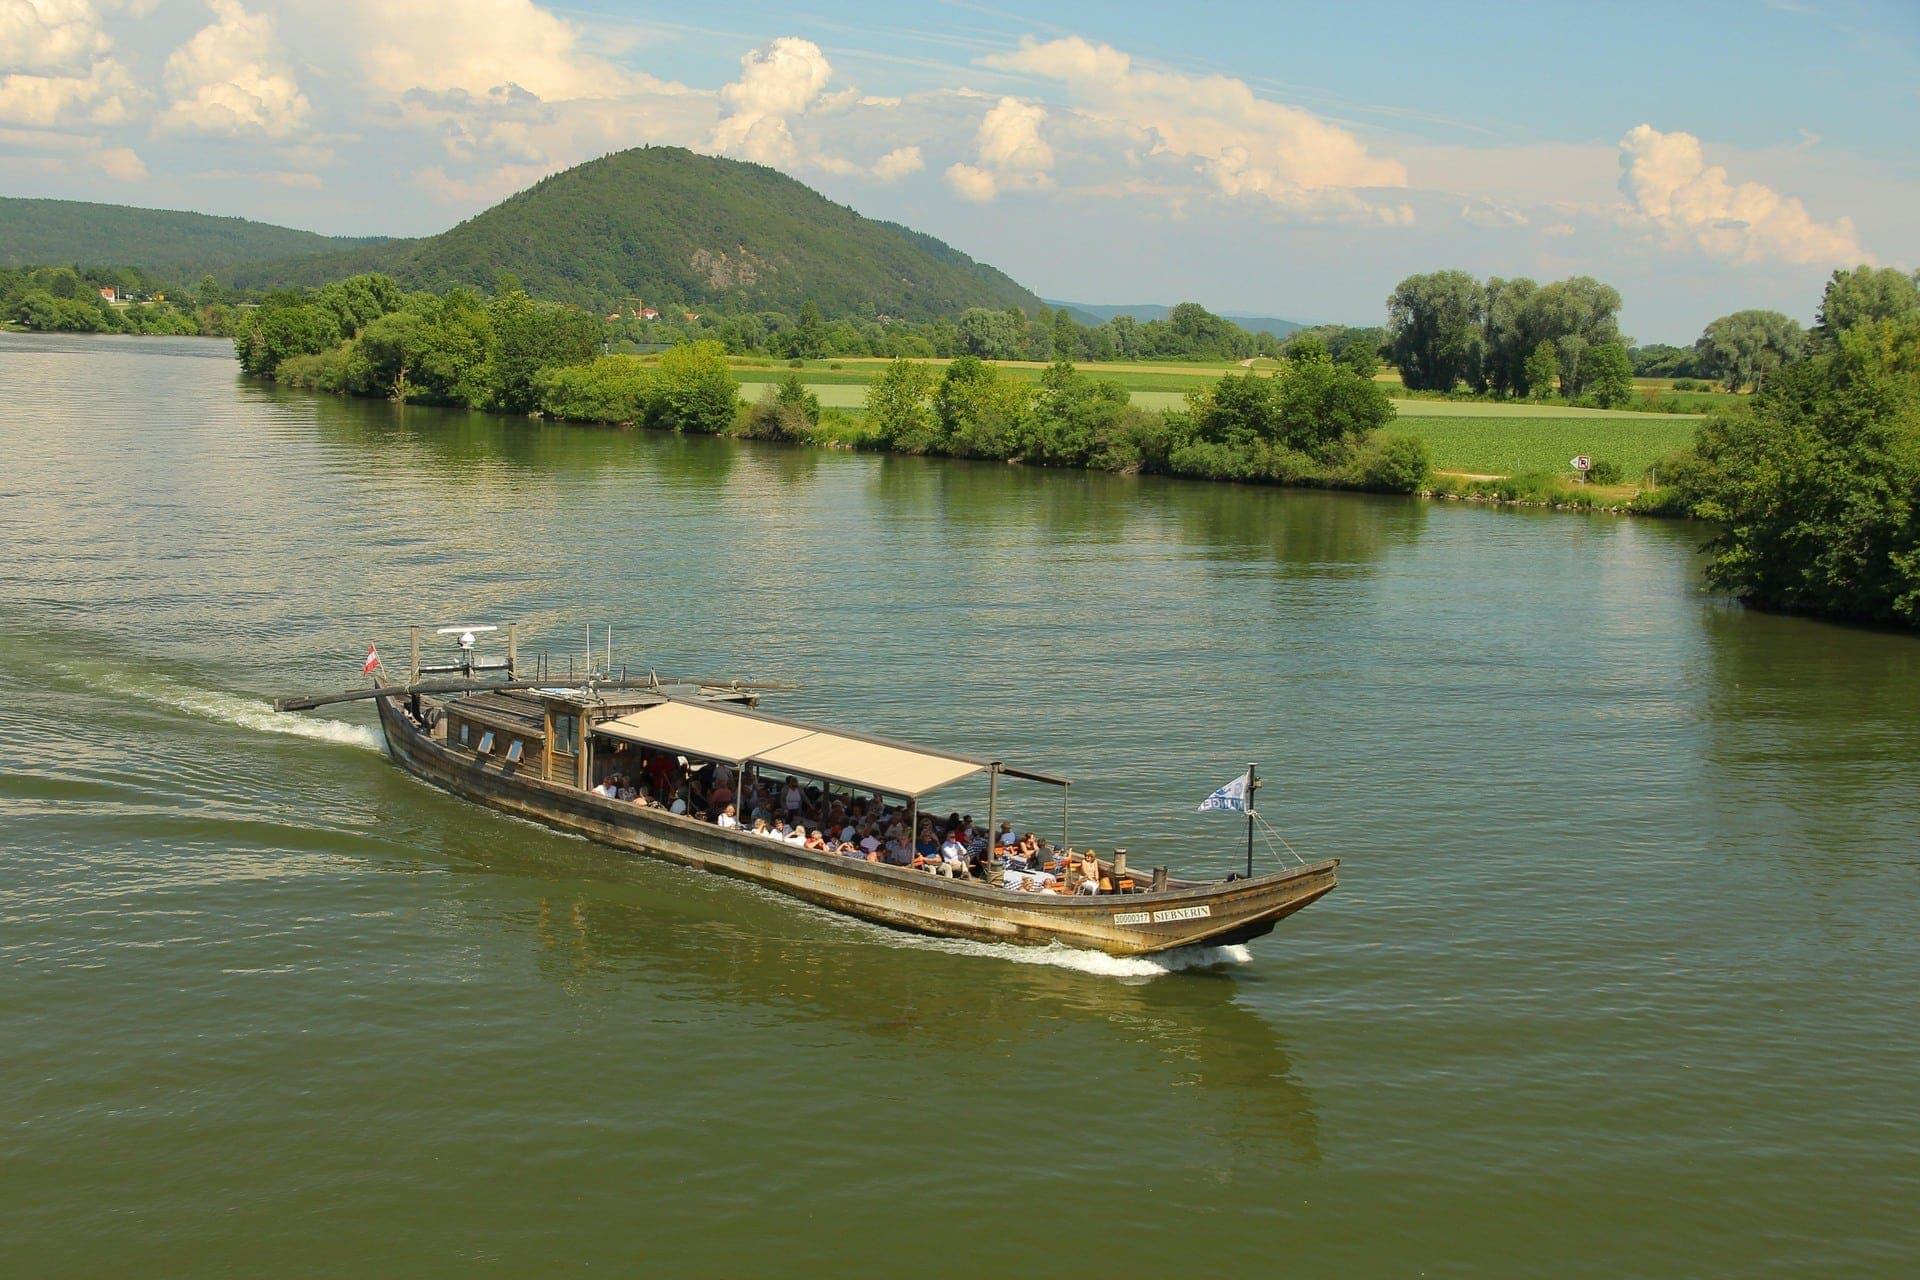 Den Regensburger Sommer auf der Klinger-Flotte genießen An Bord der Siebnerin unter freiem Himmel